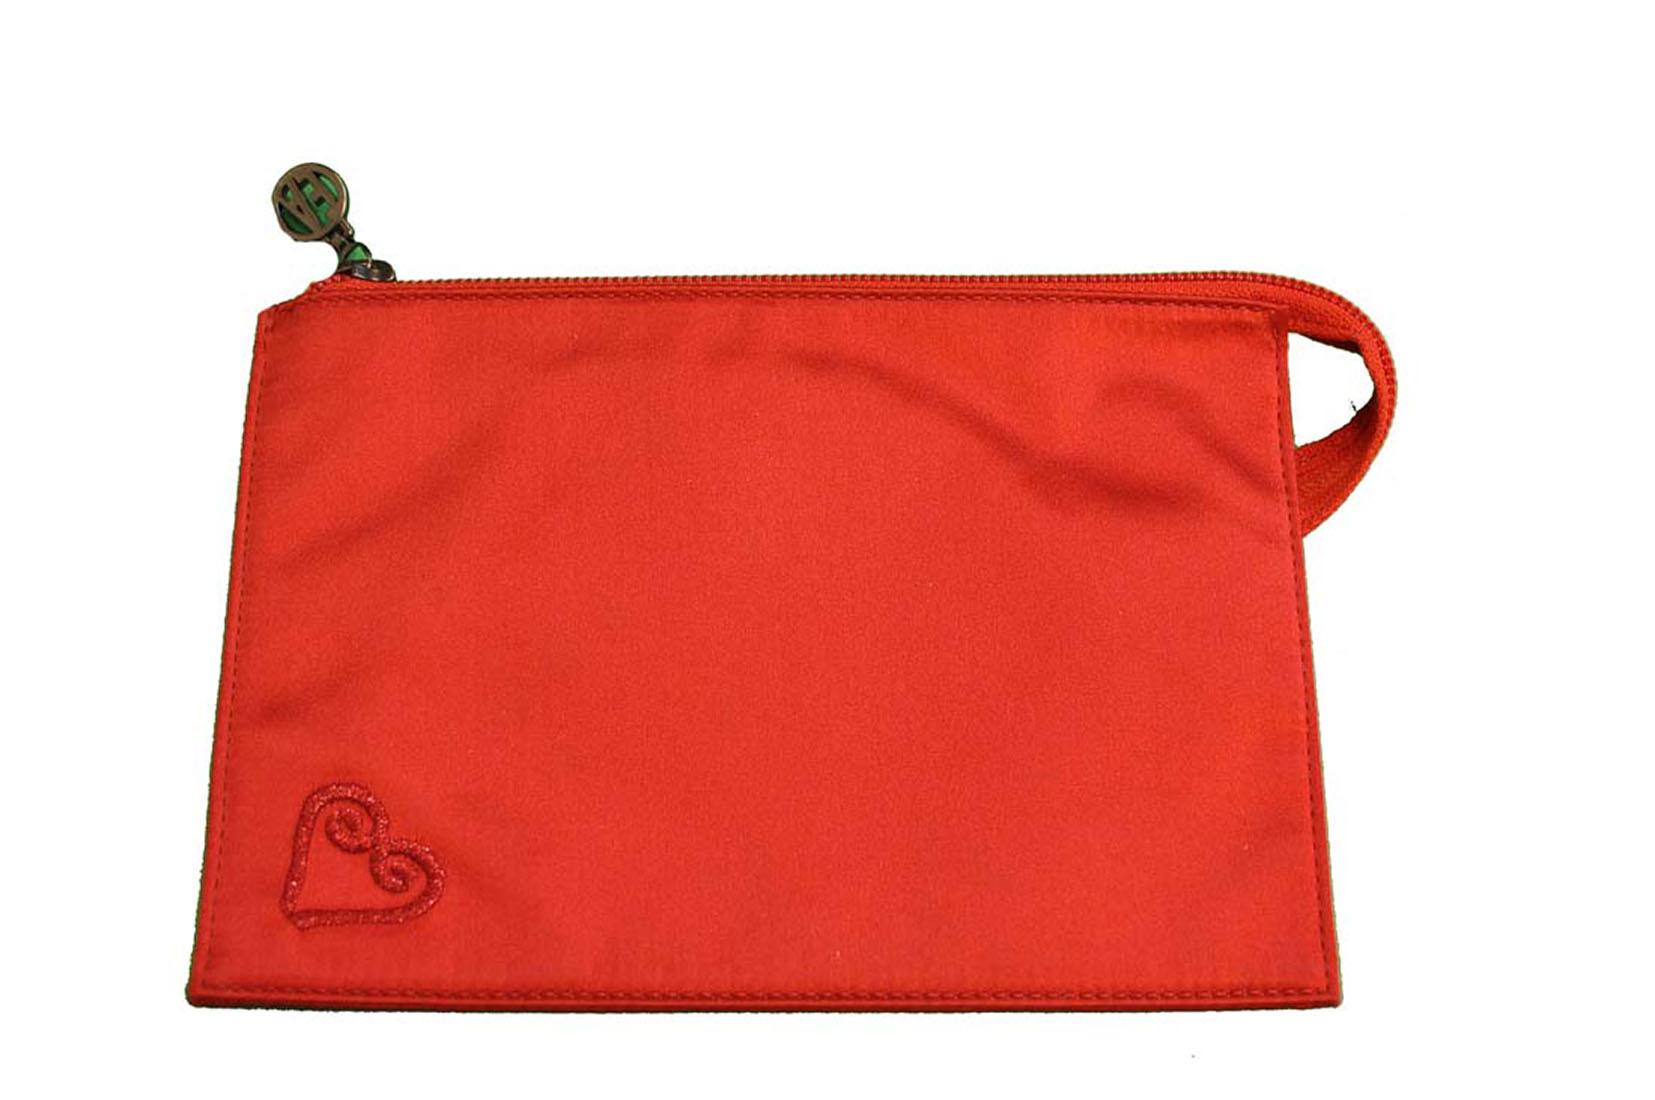 Emporio Armani RED Handbag Purse